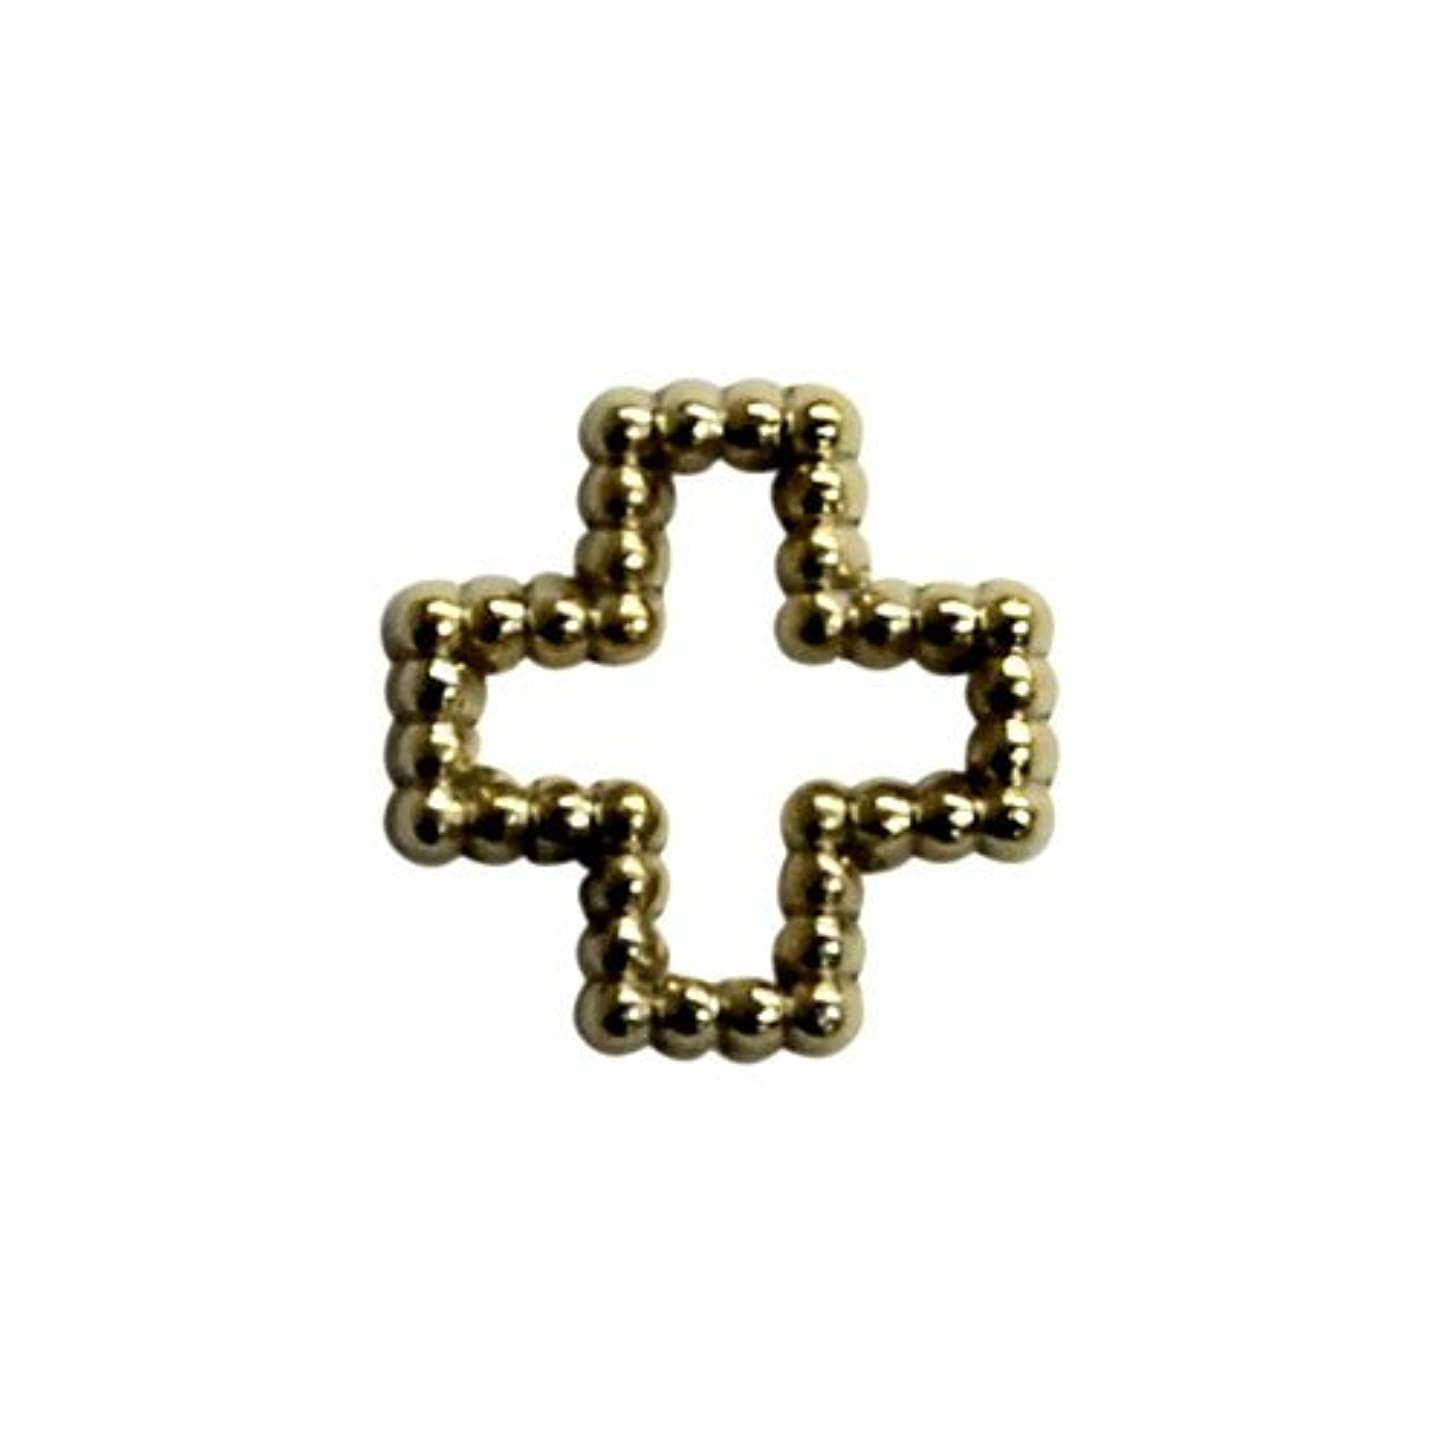 上げる復活するアソシエイトプリティーネイル ネイルアートパーツ ブリオンクロスM ゴールド 12個